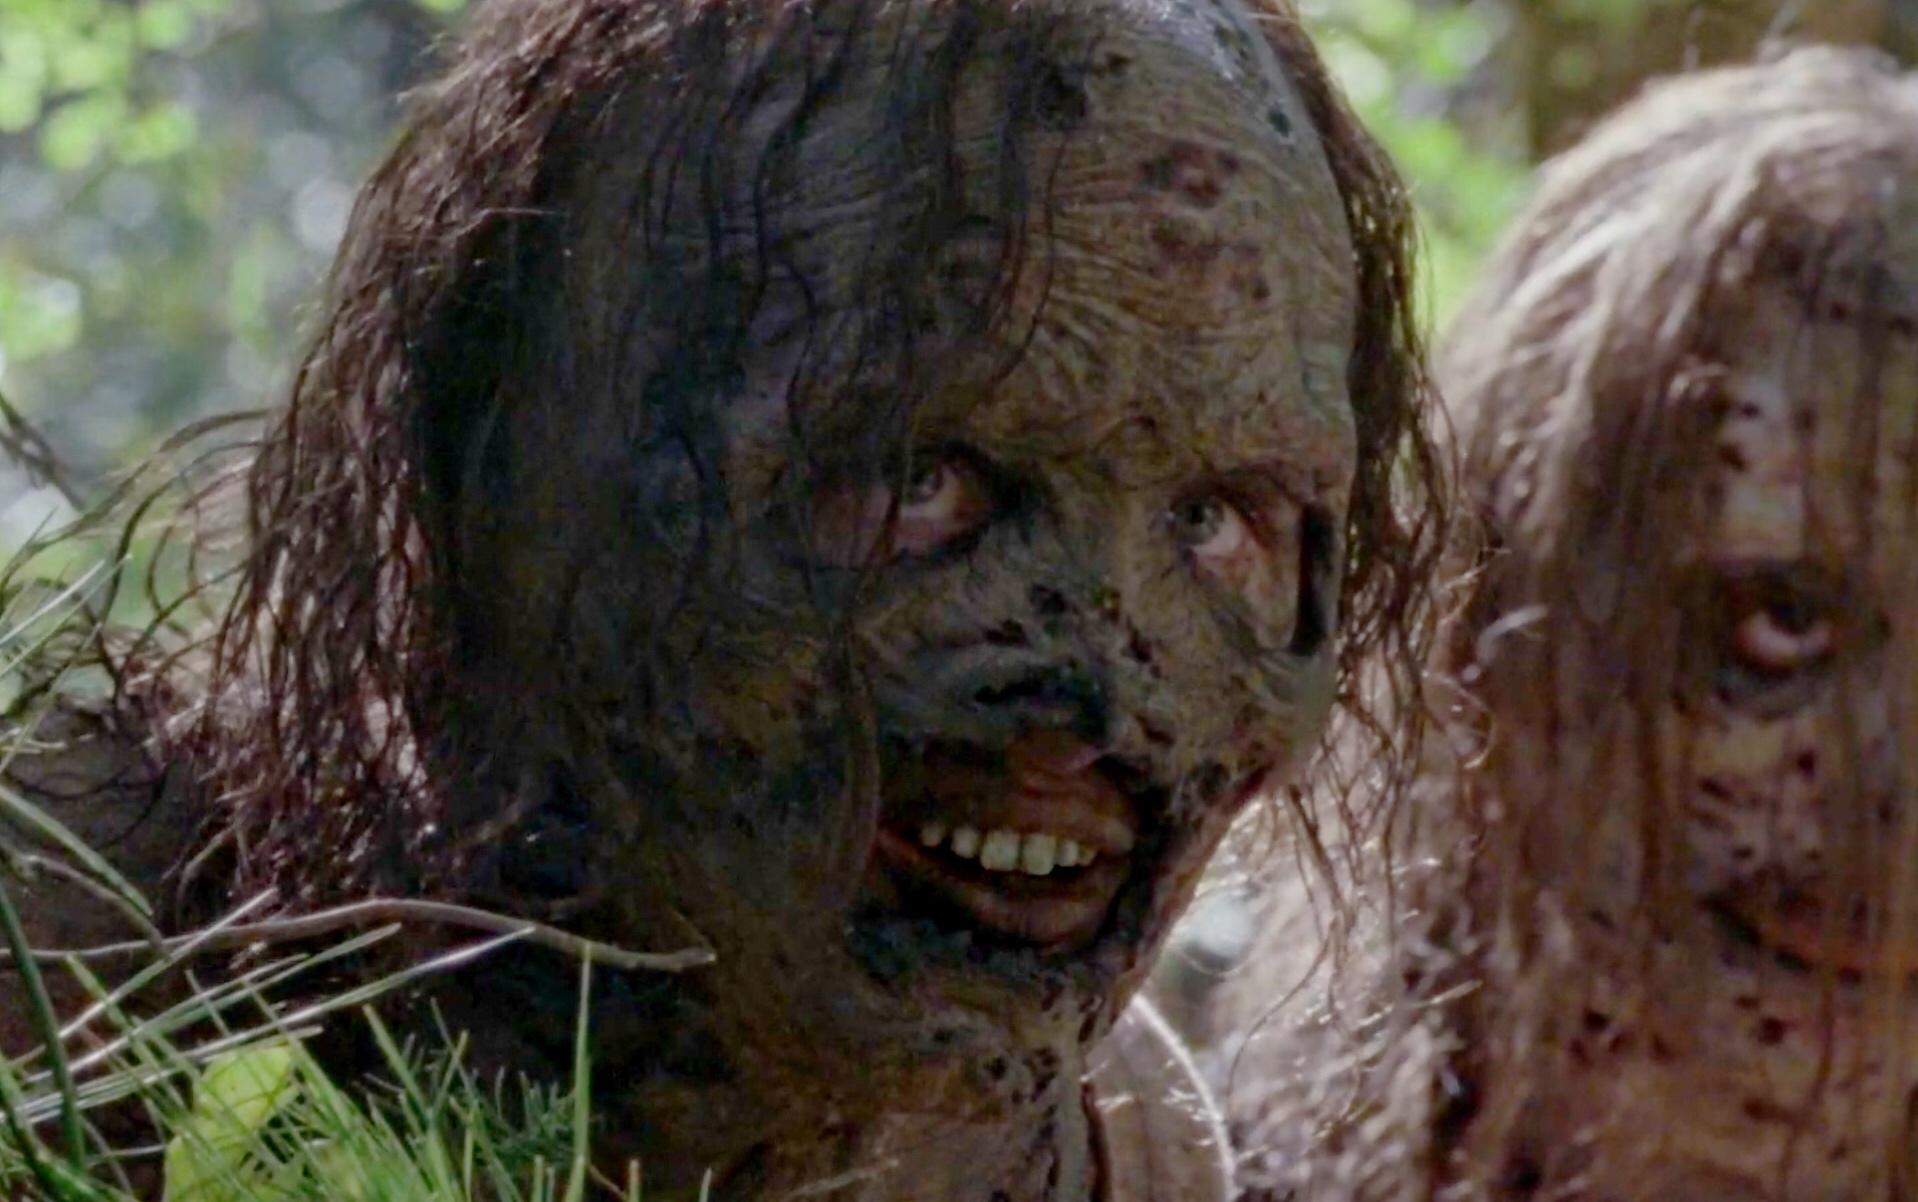 The Walking Dead - Whisperer